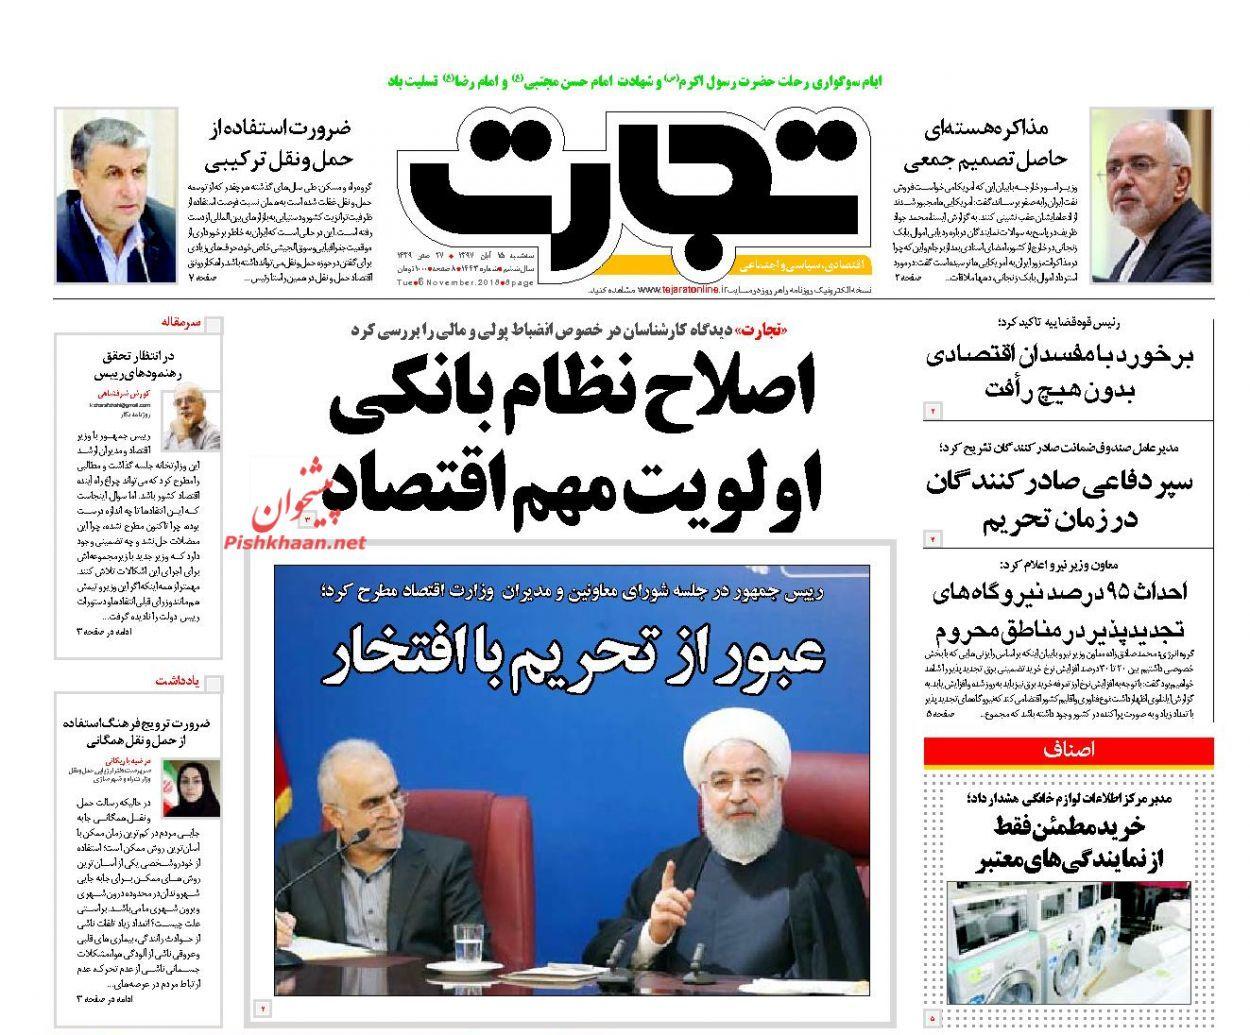 روزنامه های اقتصادی سهشنبه ۱۵ آبان ۹۷